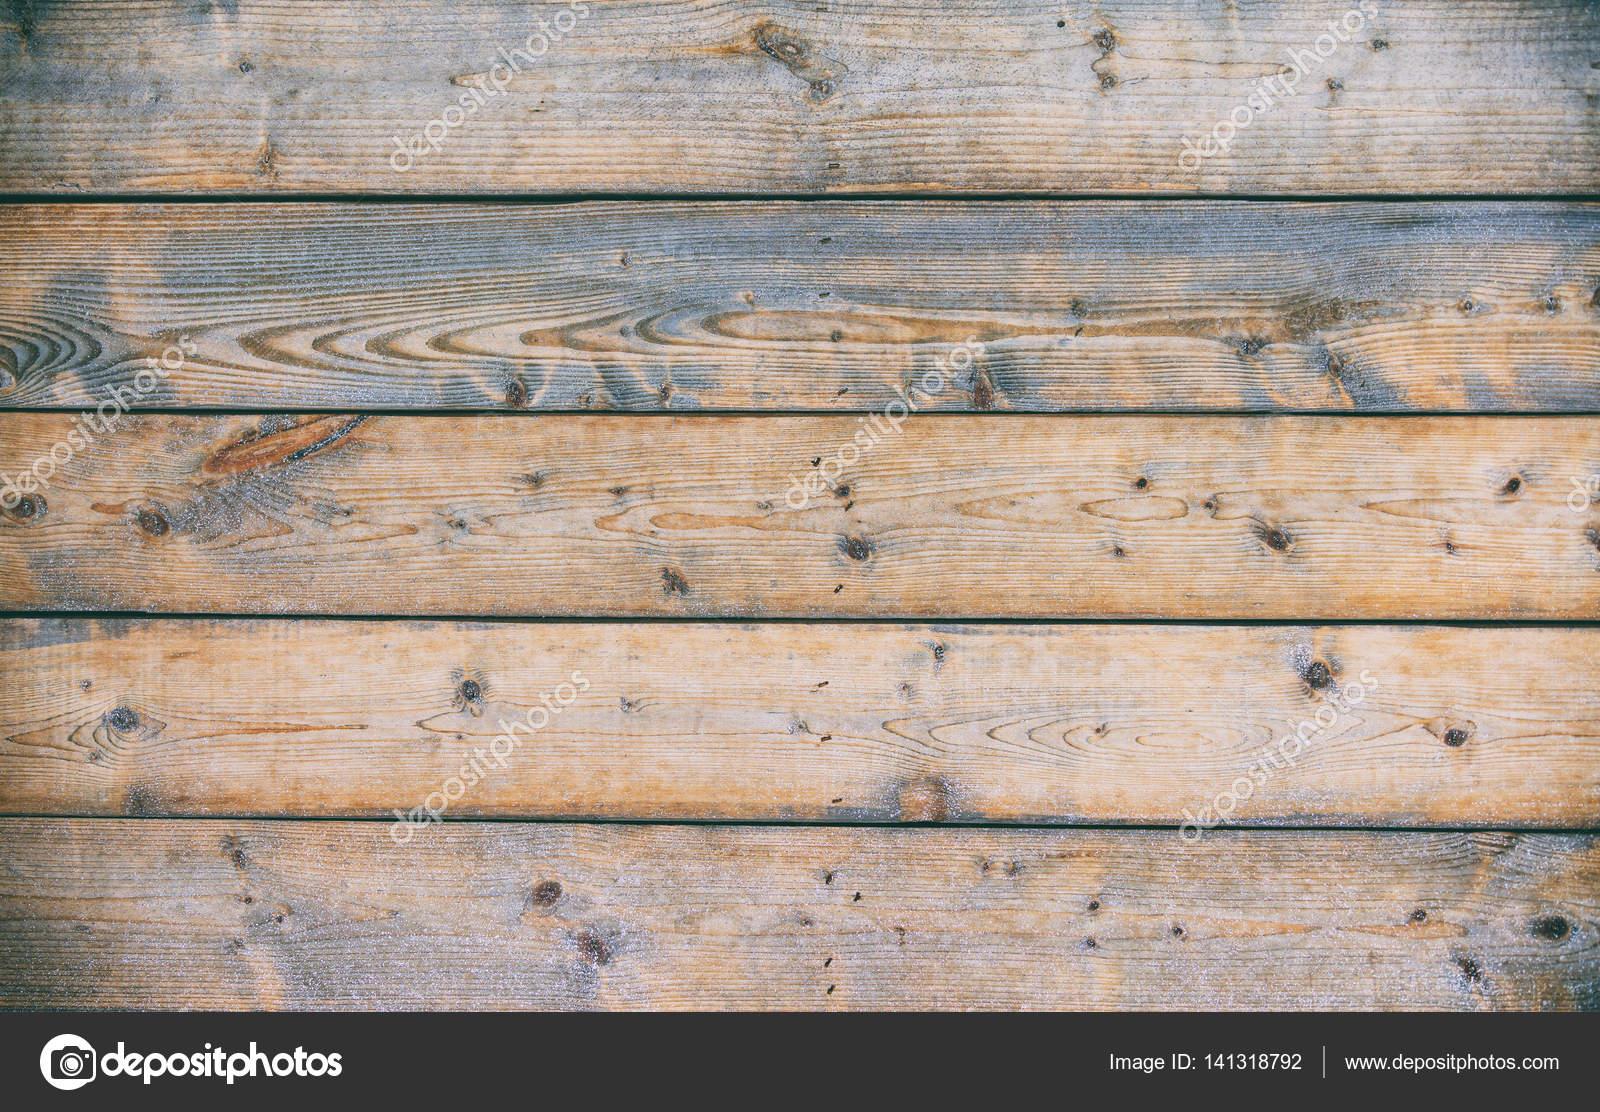 alte holzbohlen-hintergrund — stockfoto © viperagp #141318792